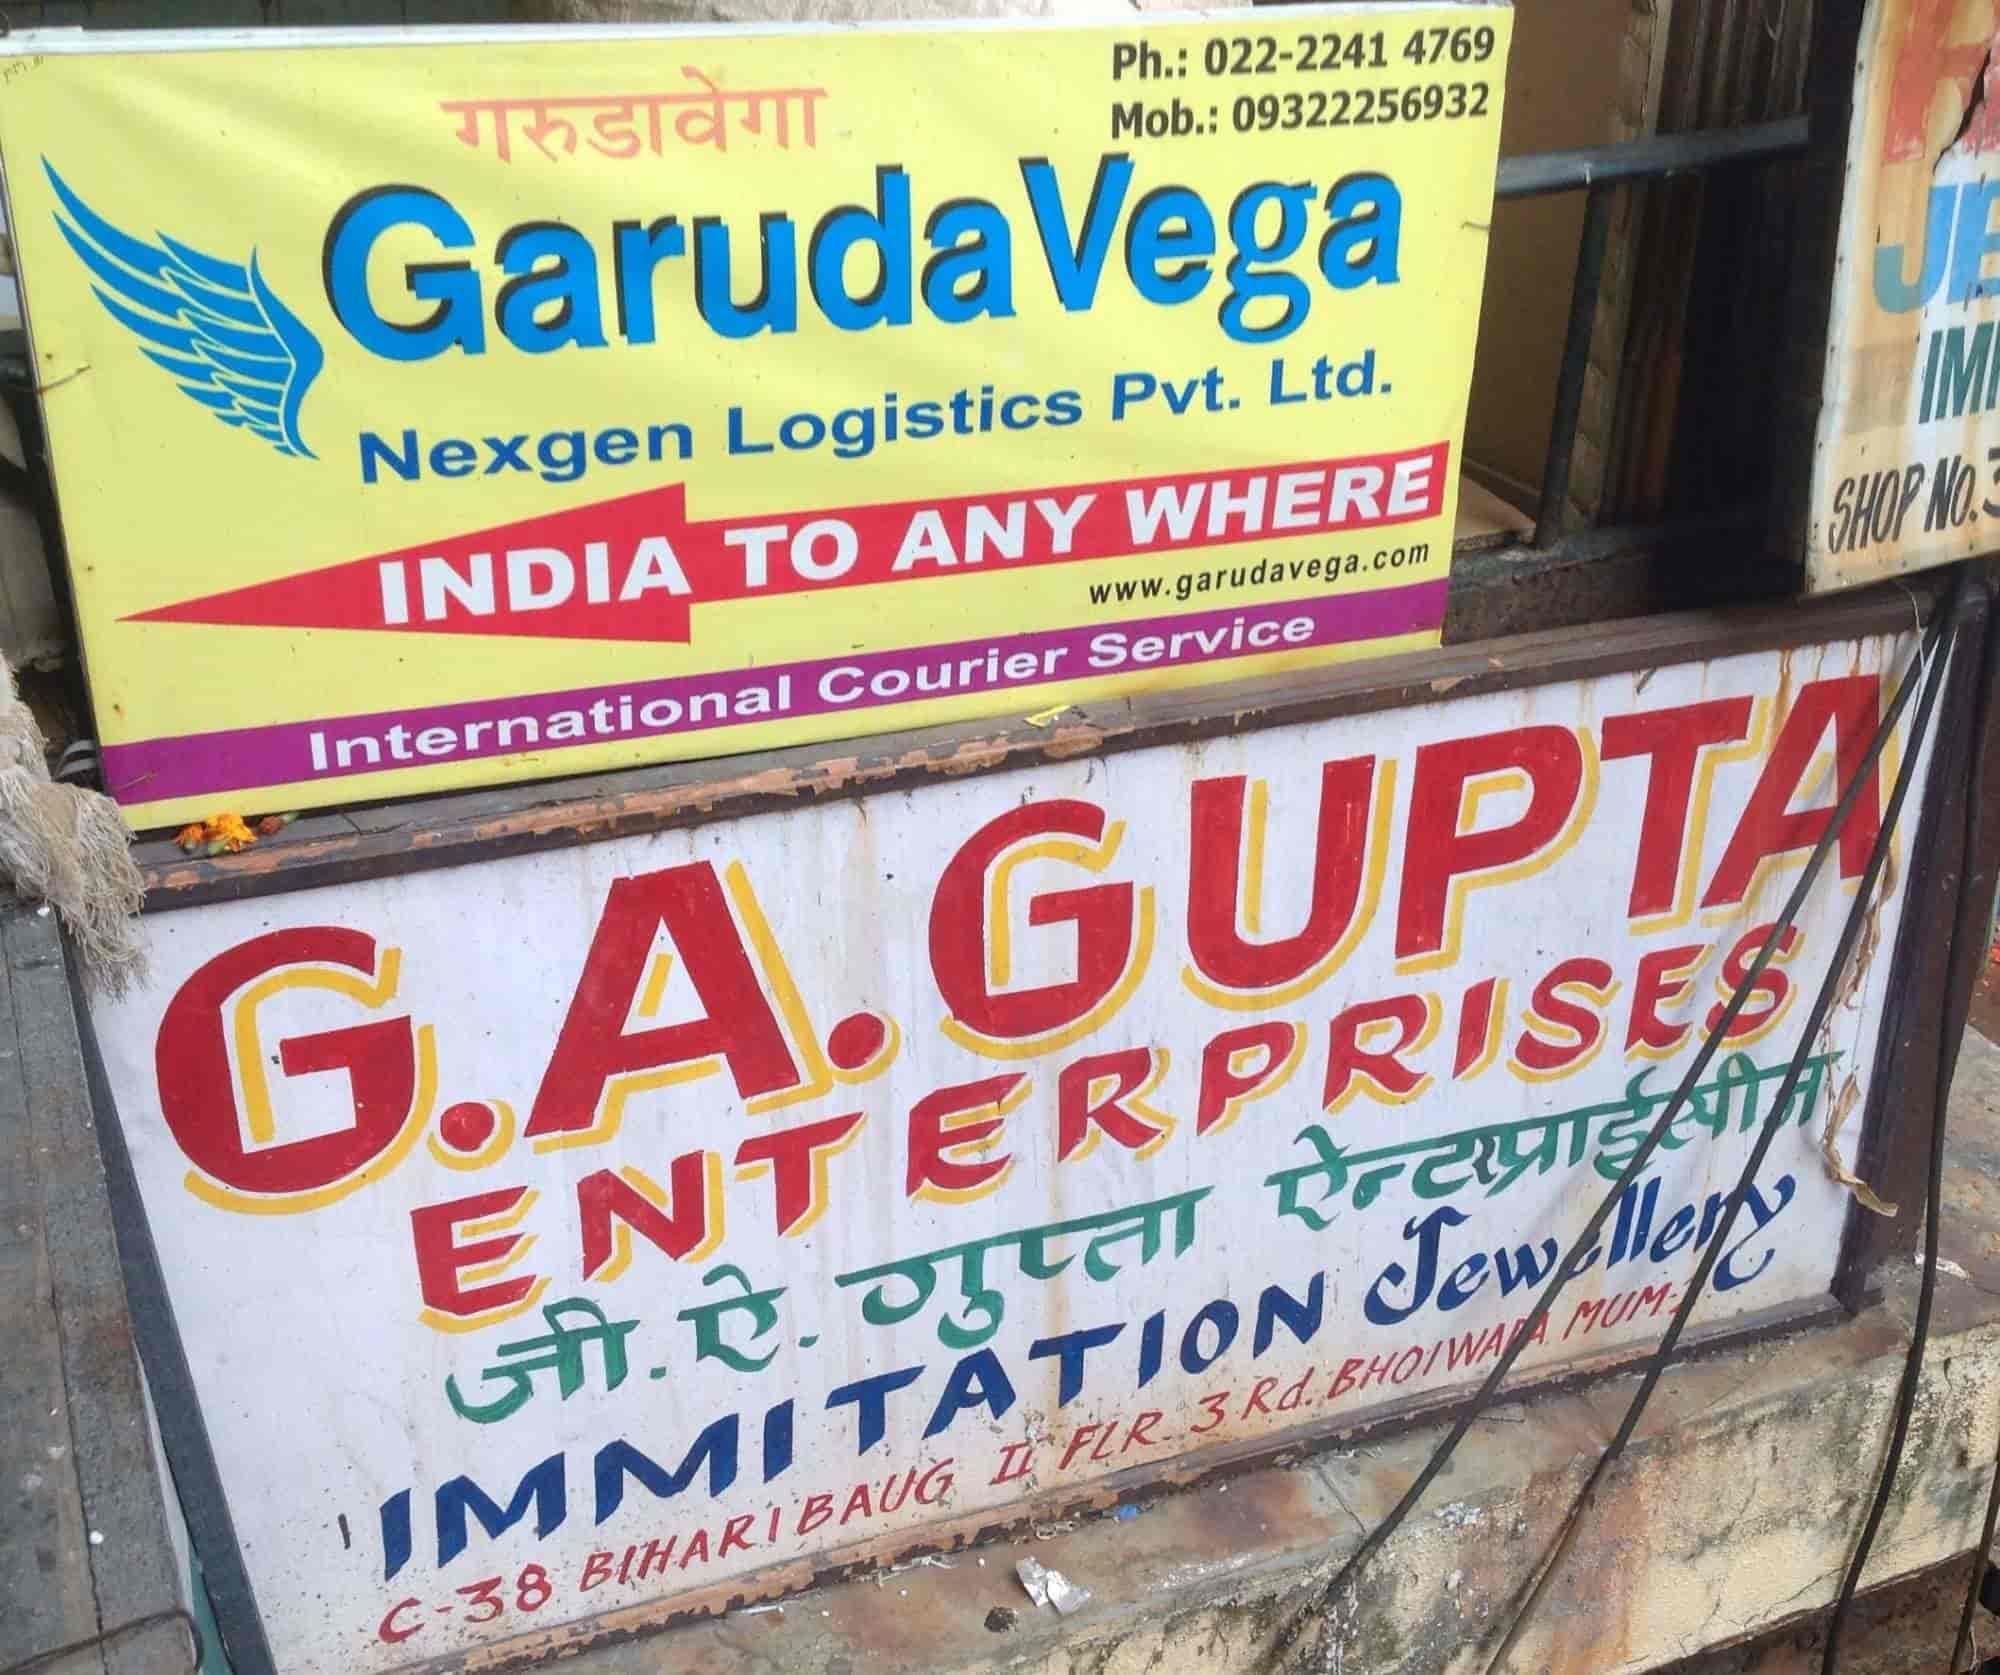 Garudavega Nexgen Logistics Pvt Ltd, Bhuleshwar